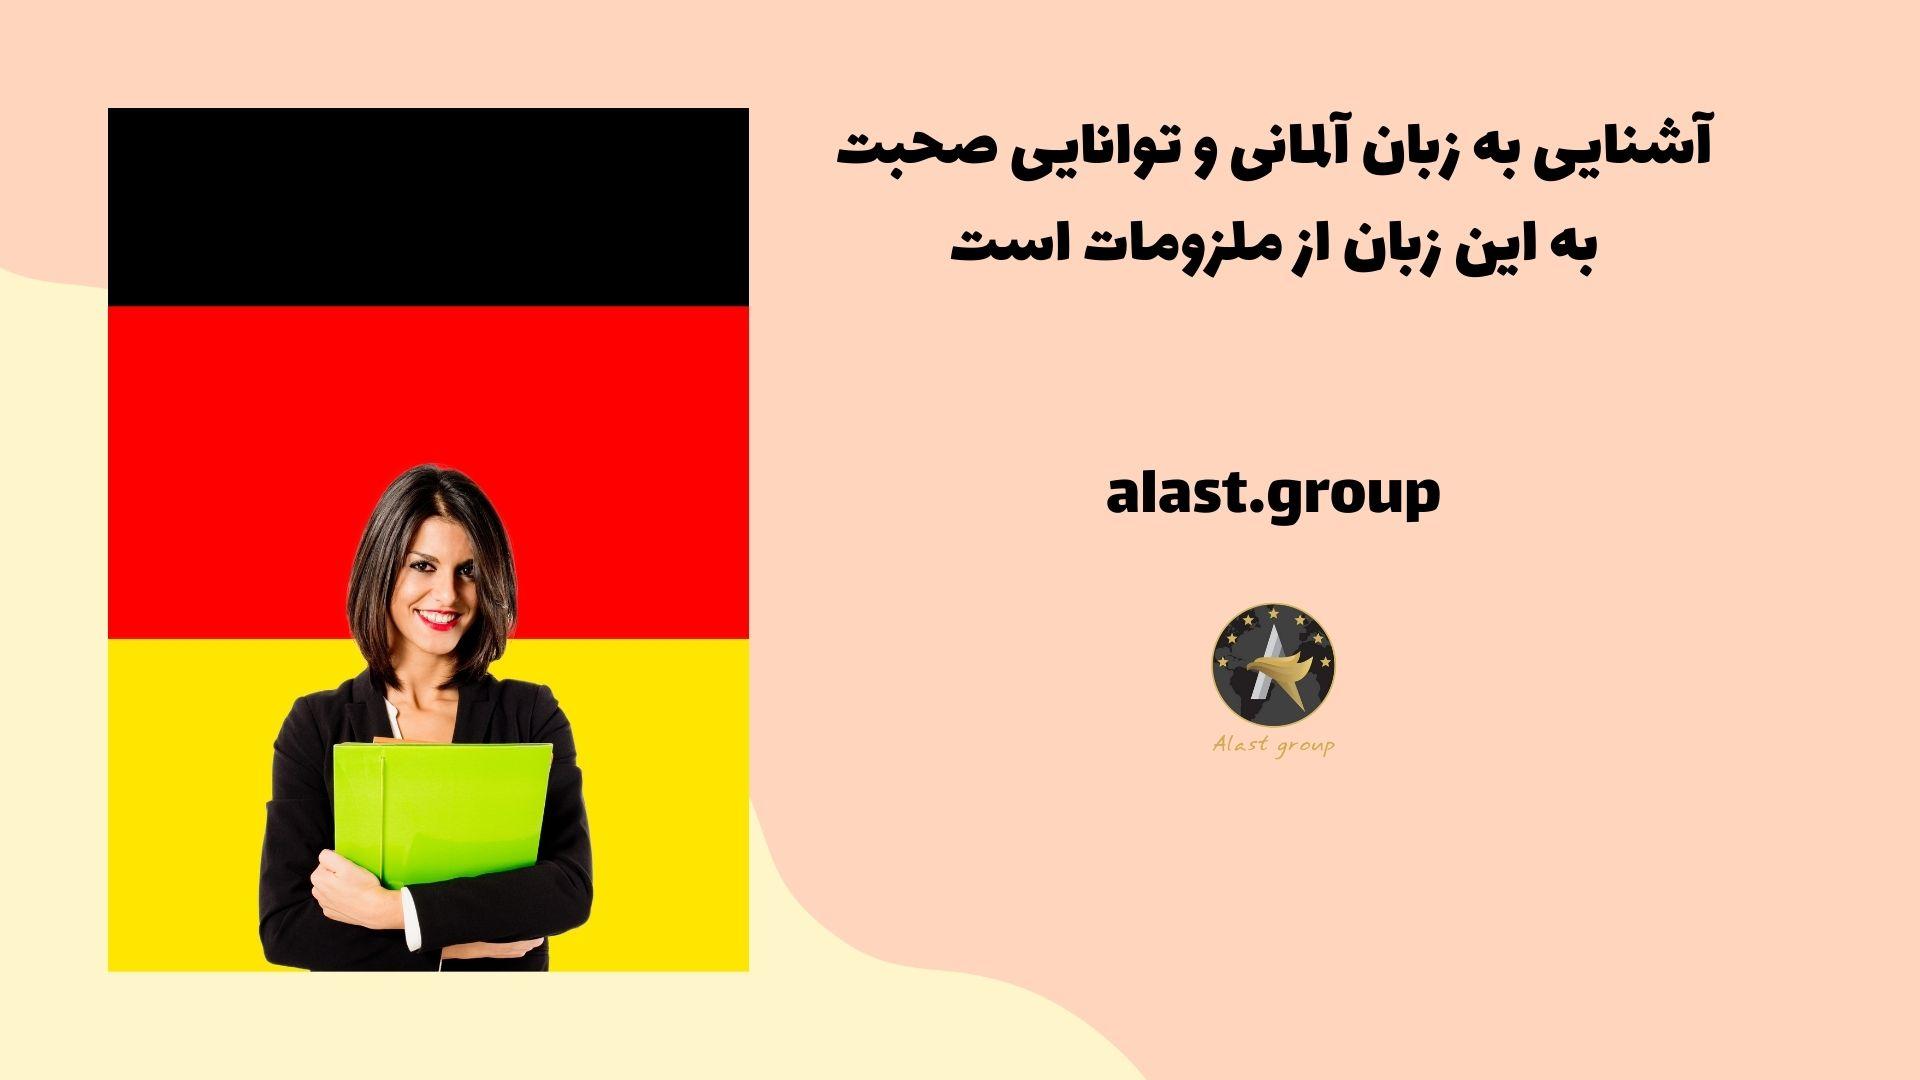 آشنایی به زبان آلمانی و توانایی صحبت به این زبان از ملزومات است